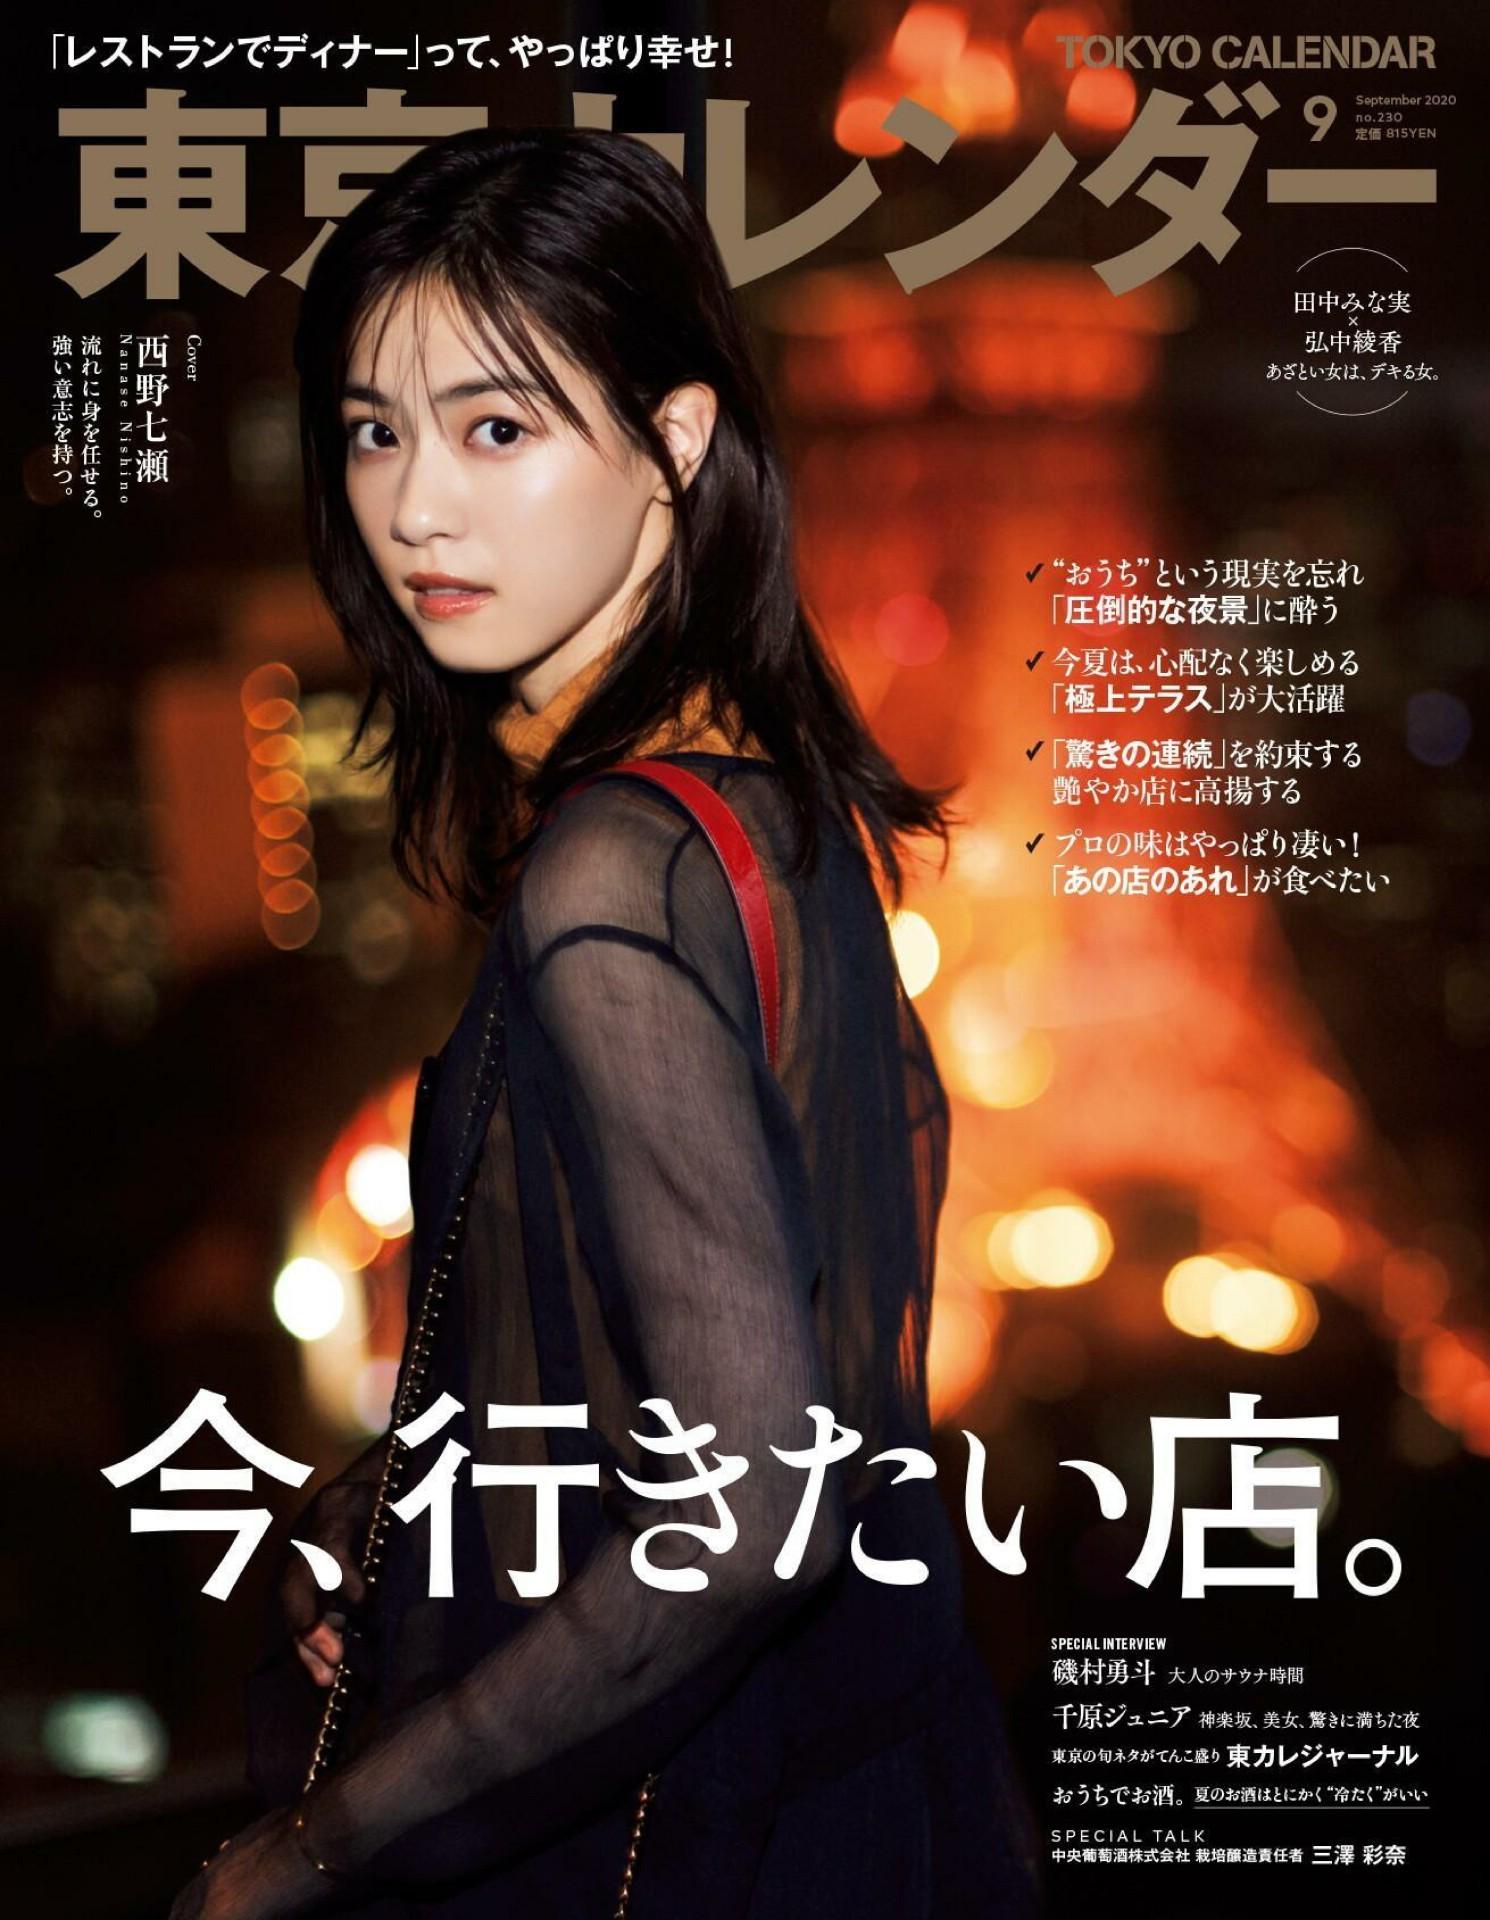 Tokyo Calendar 2020-09_imgs-0001